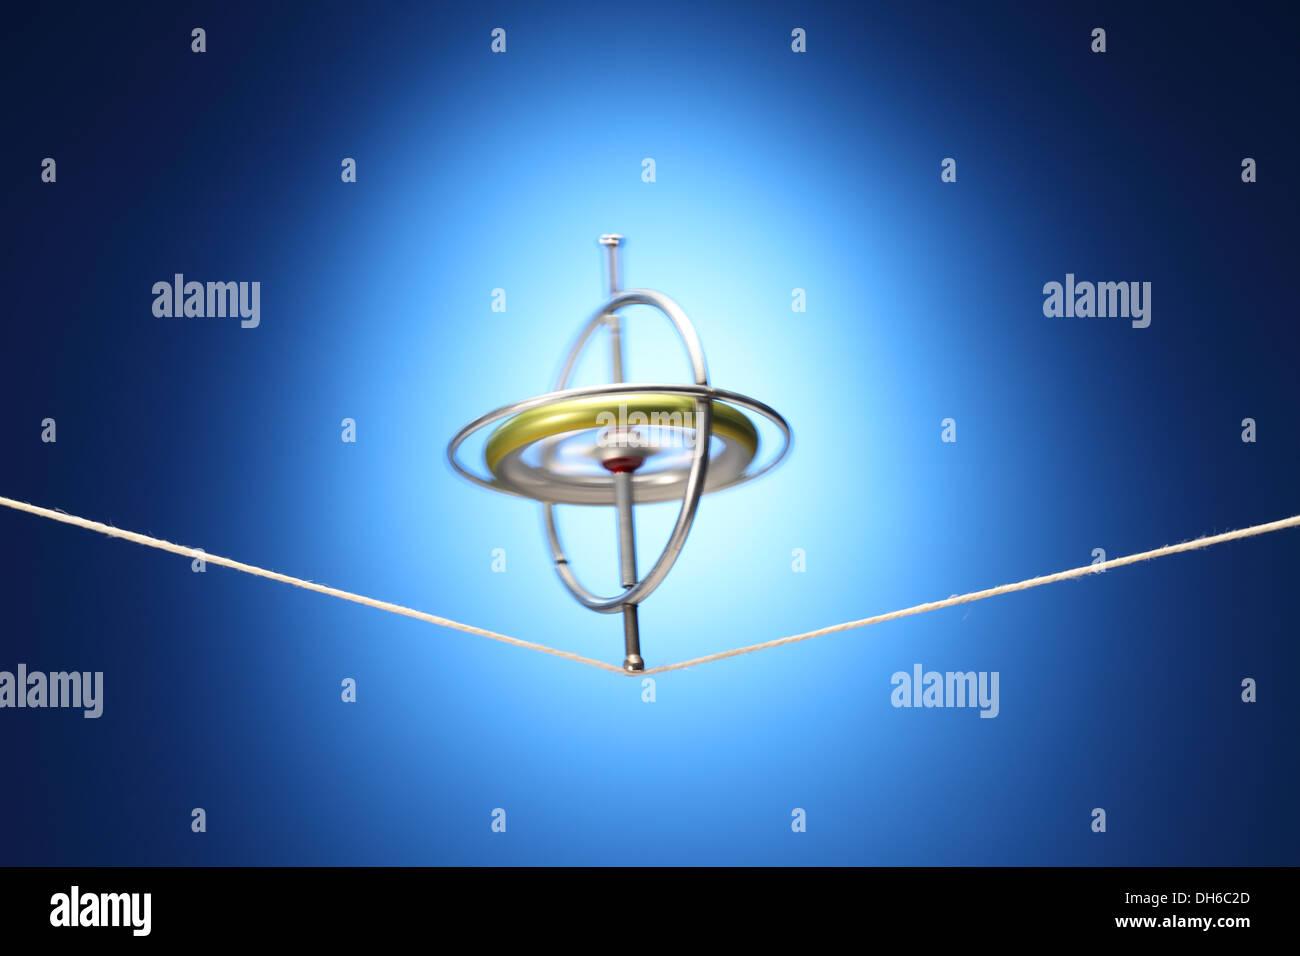 Ein drehenden Kreisel auf ein Tuch String ausgeglichen. Stockfoto